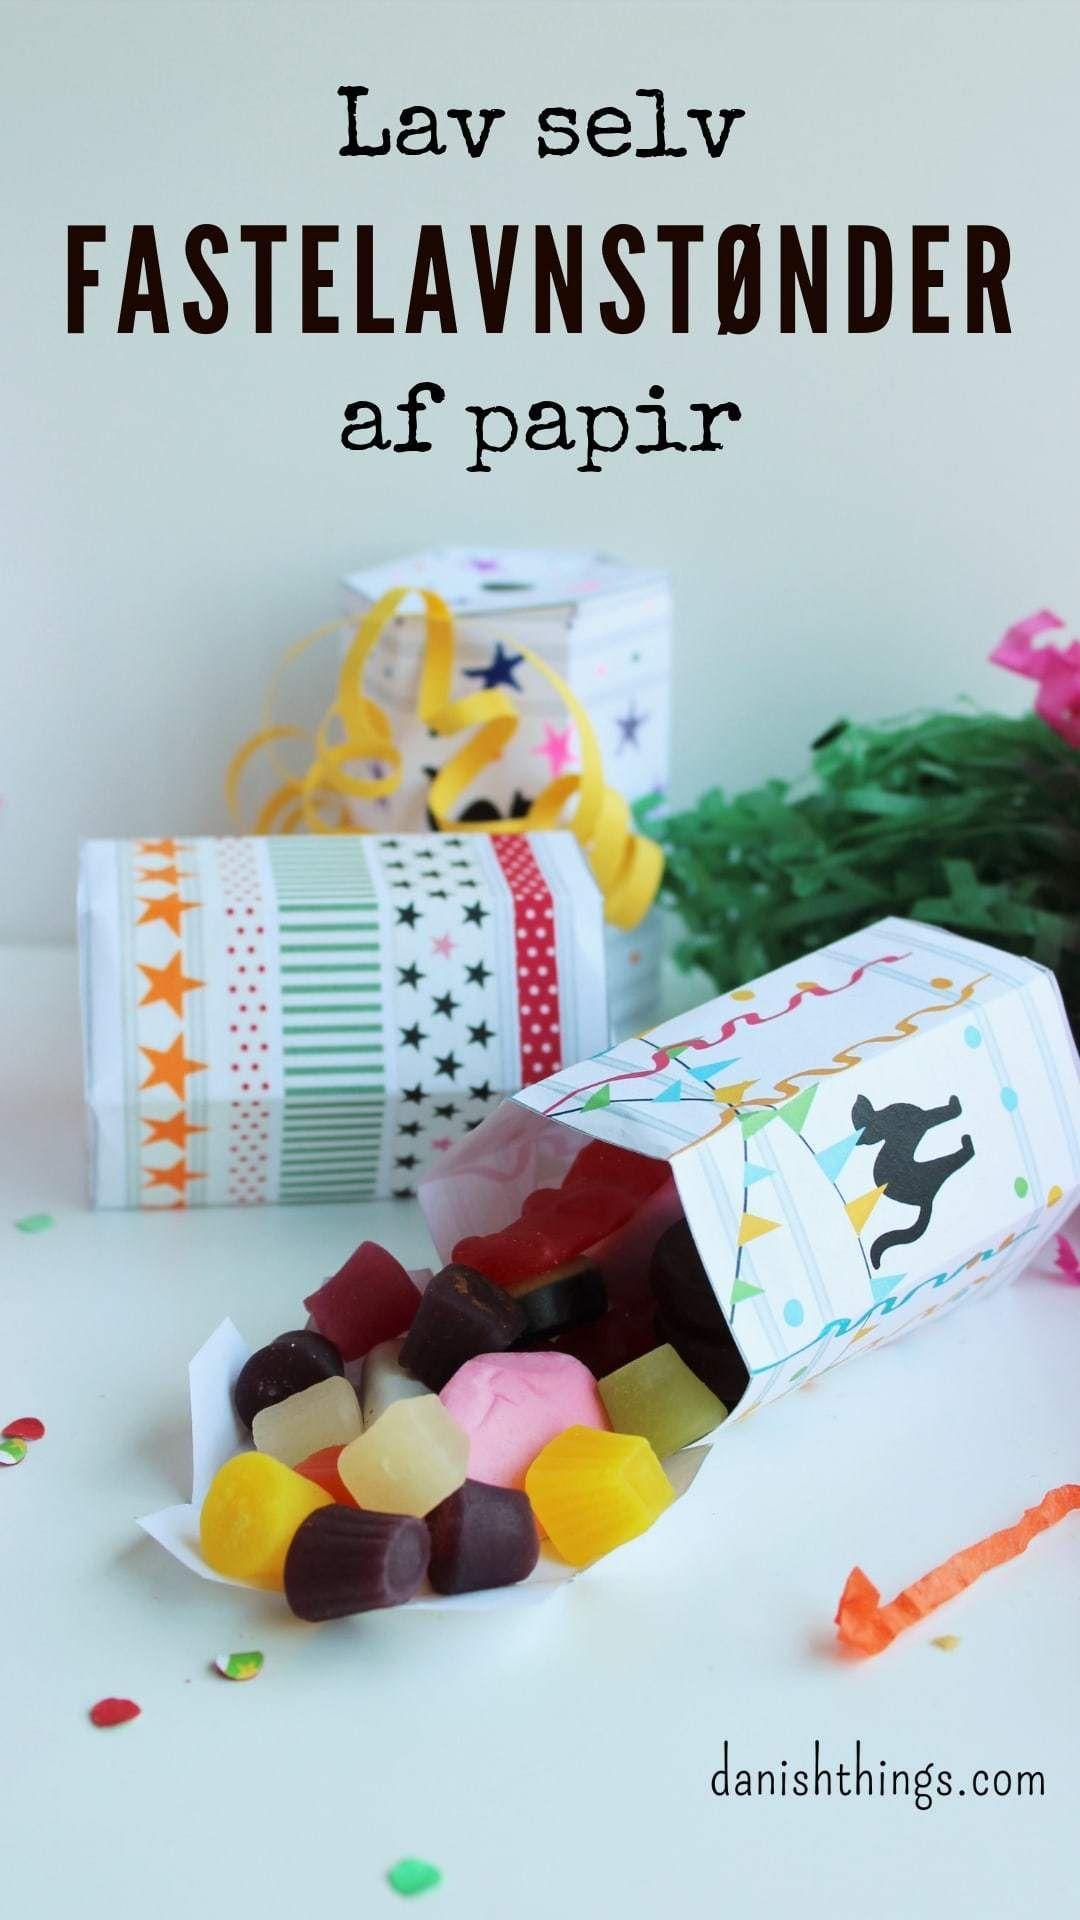 Lav selv fastelavnstønden af papir - som dekoration eller fastelavnsgave - Danish Things #fastelavnpynt